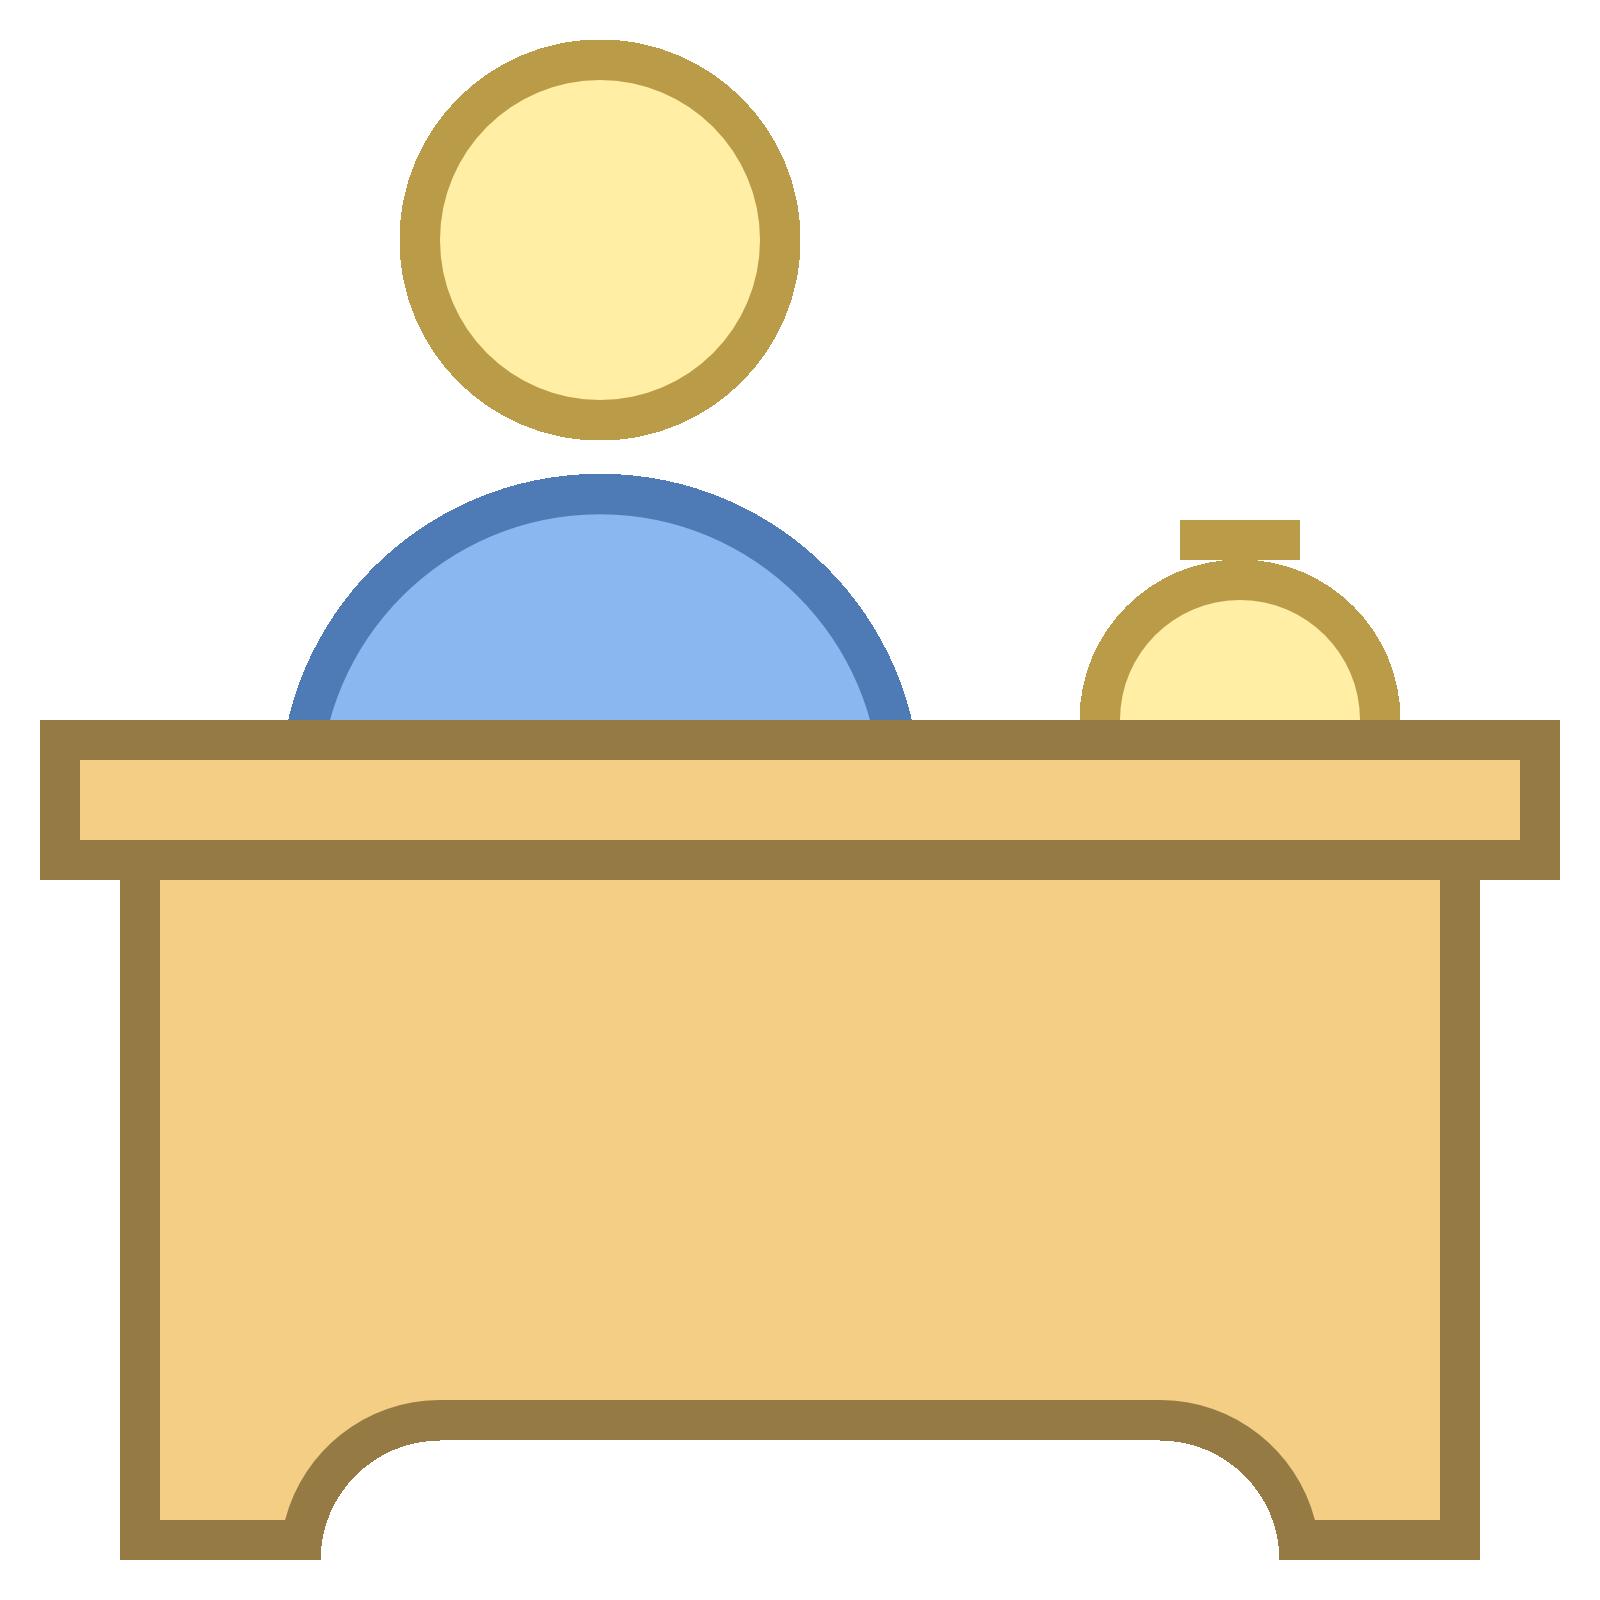 Desk clipart college professor Desk Desk at Icon icon